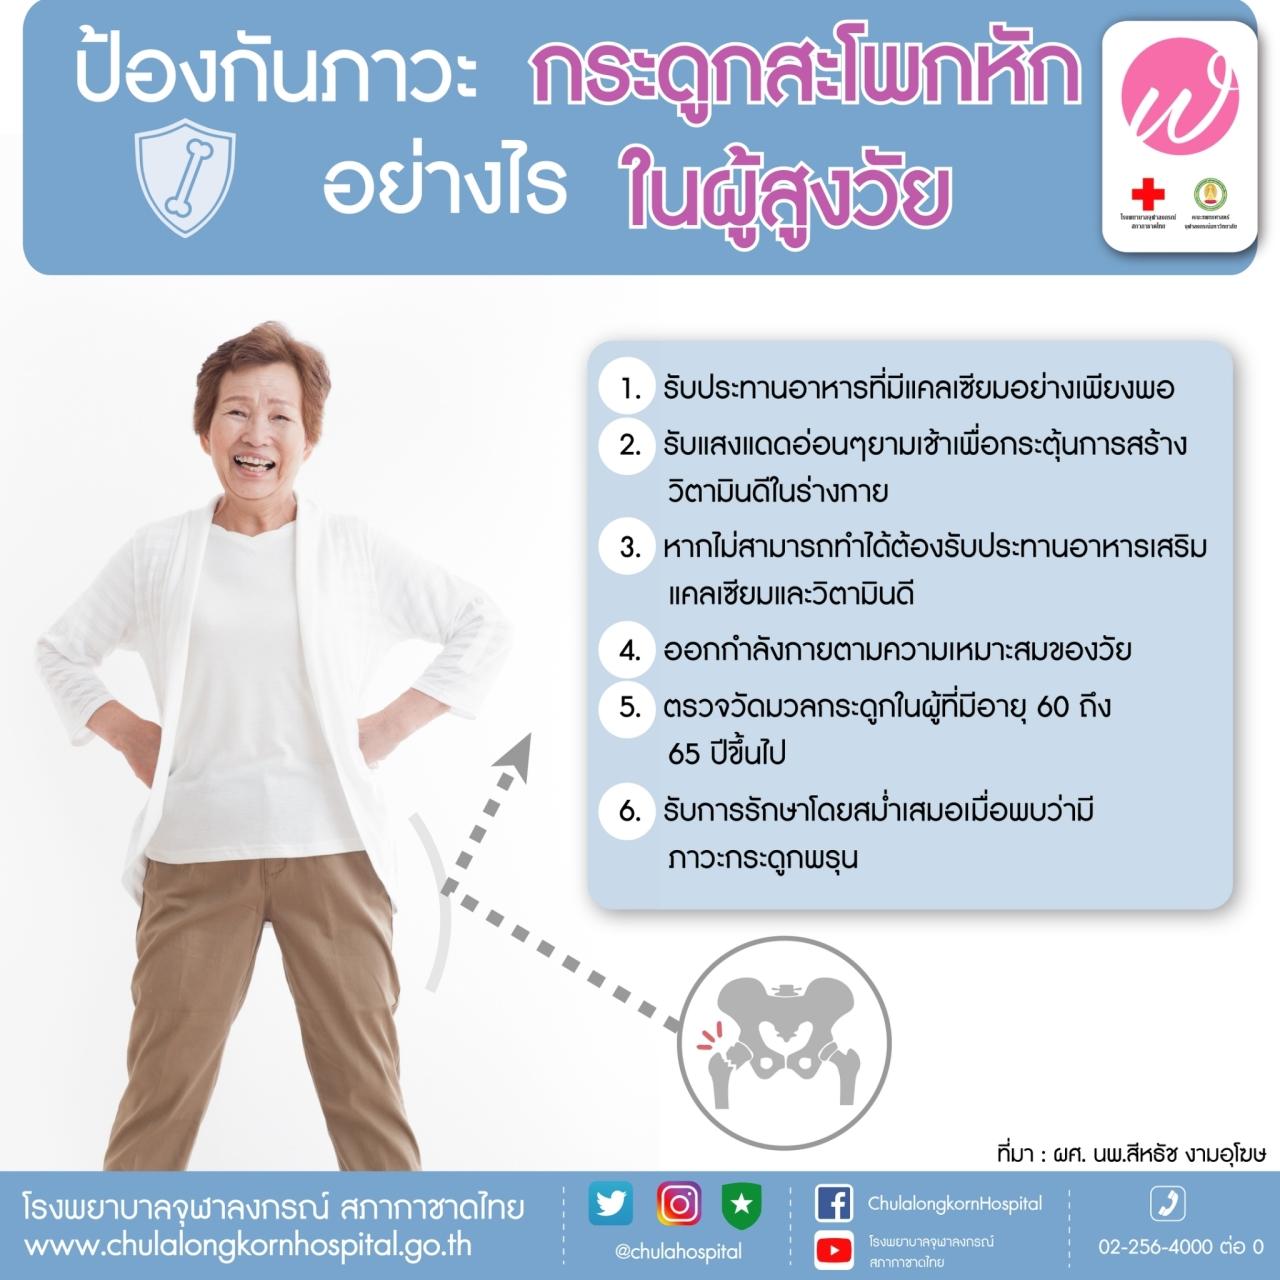 ป้องกันภาวะกระดูกสะโพกหักอย่างไรในผู้สูงวัย